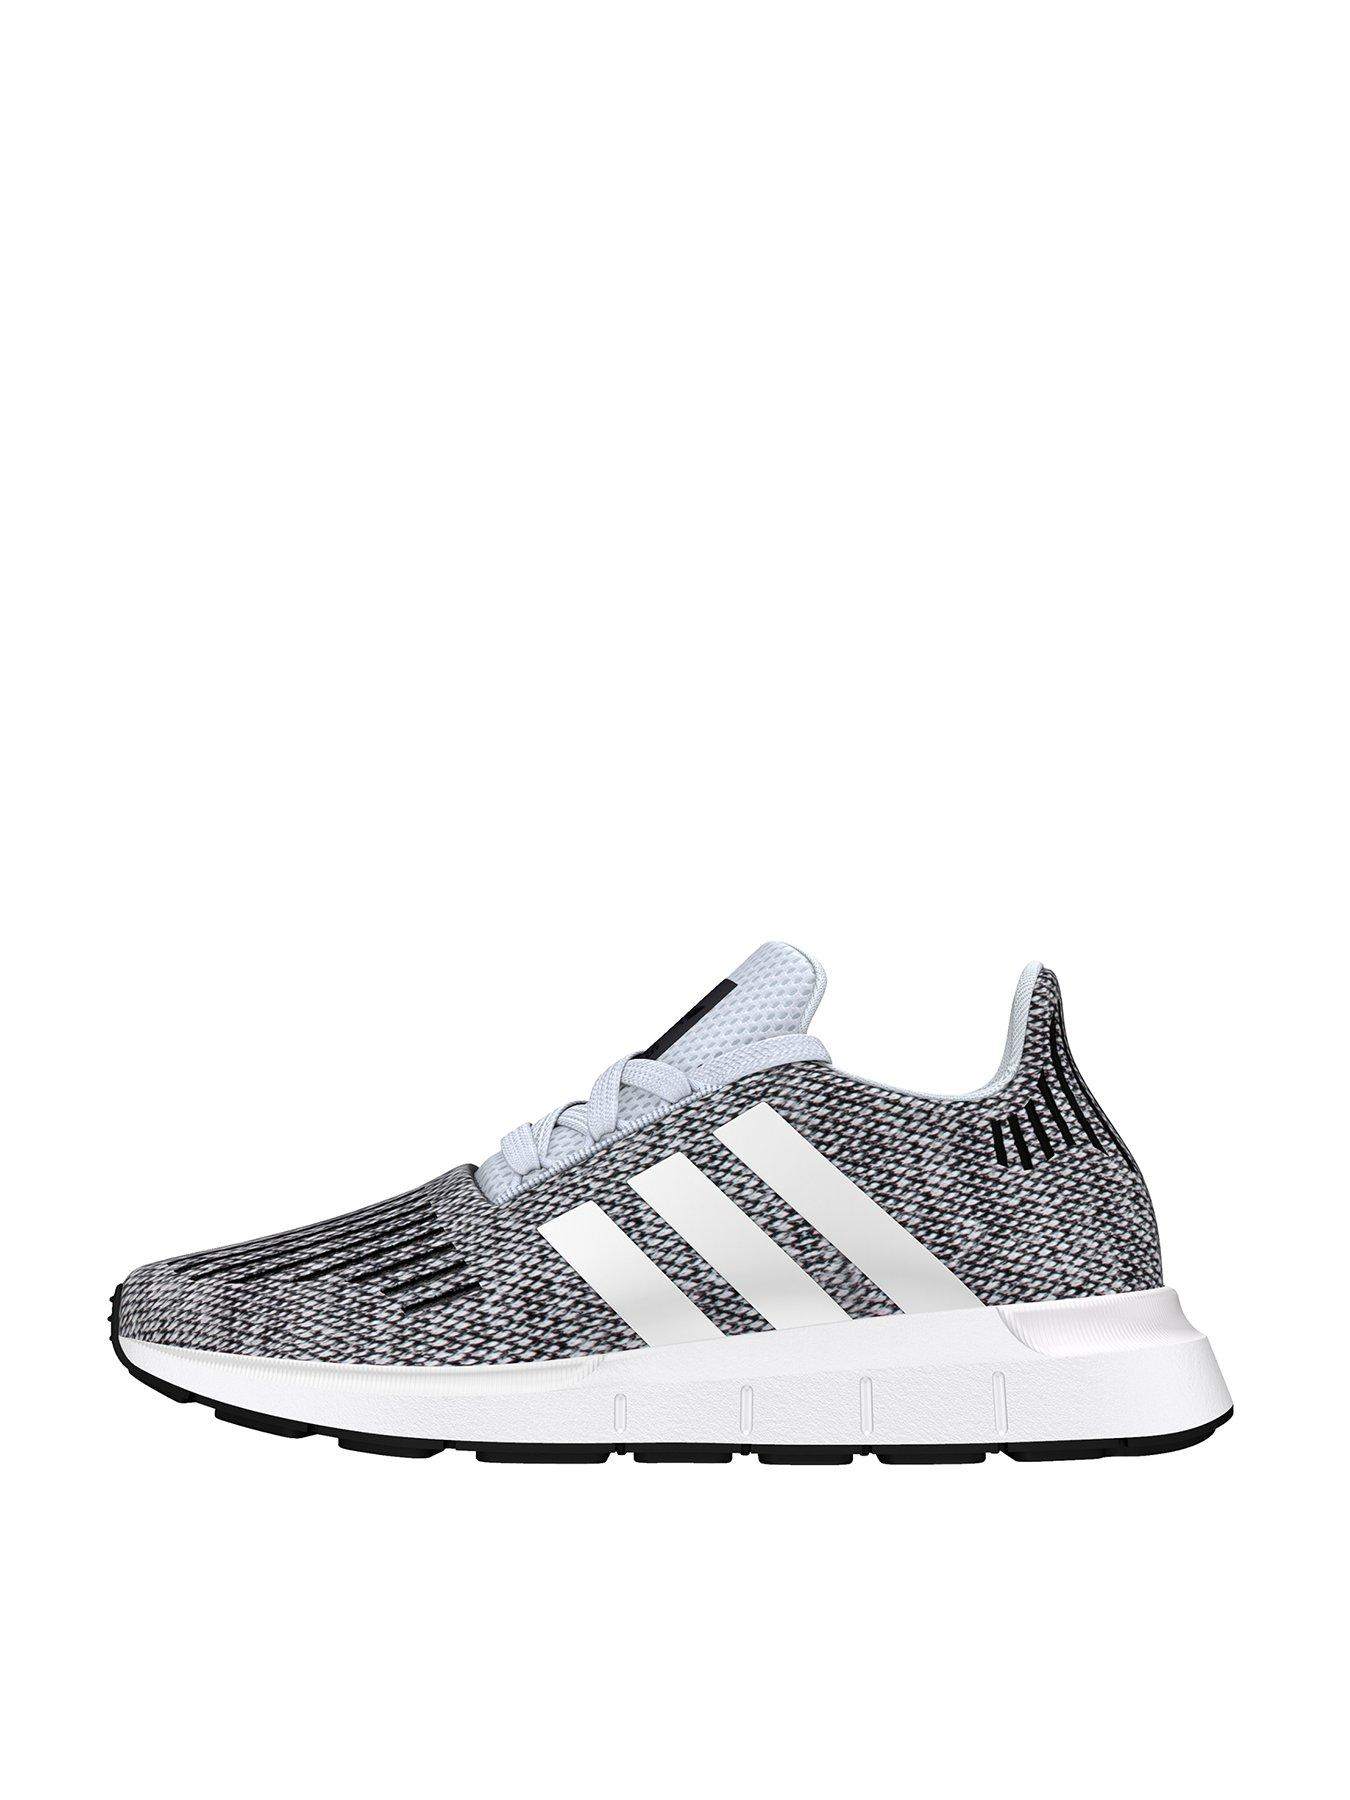 adidas Originals Adidas Originals Swift Run Junior Trainer